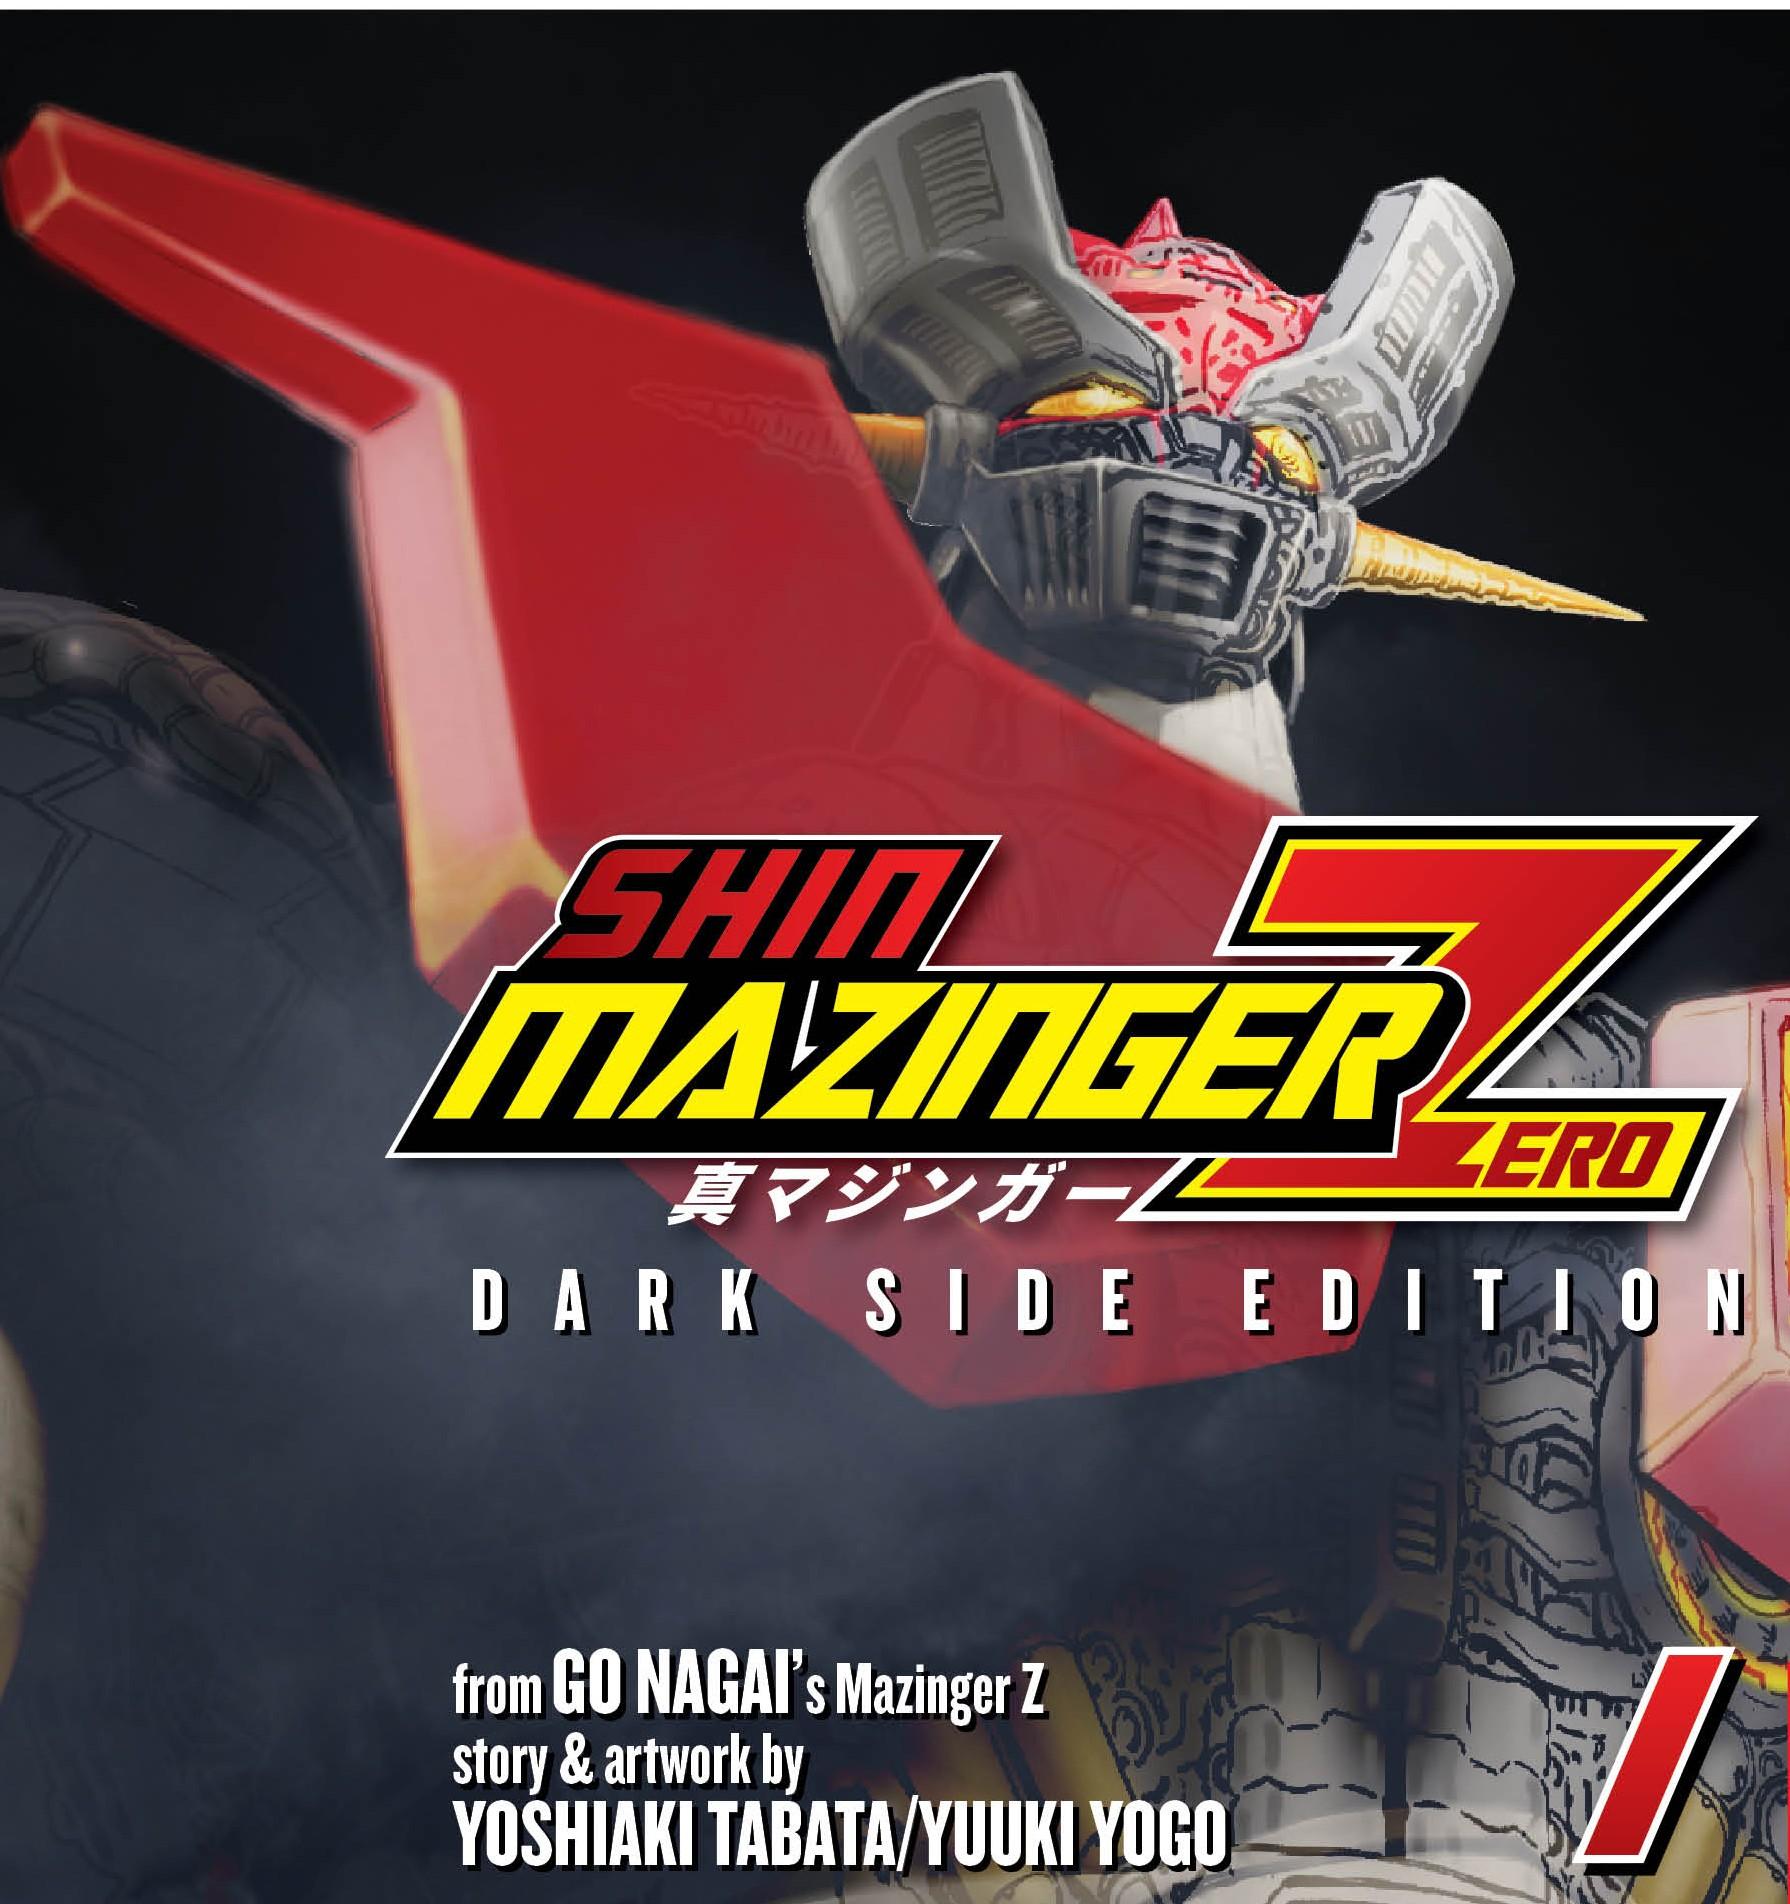 Shin Mazinger Zero Variant Cover